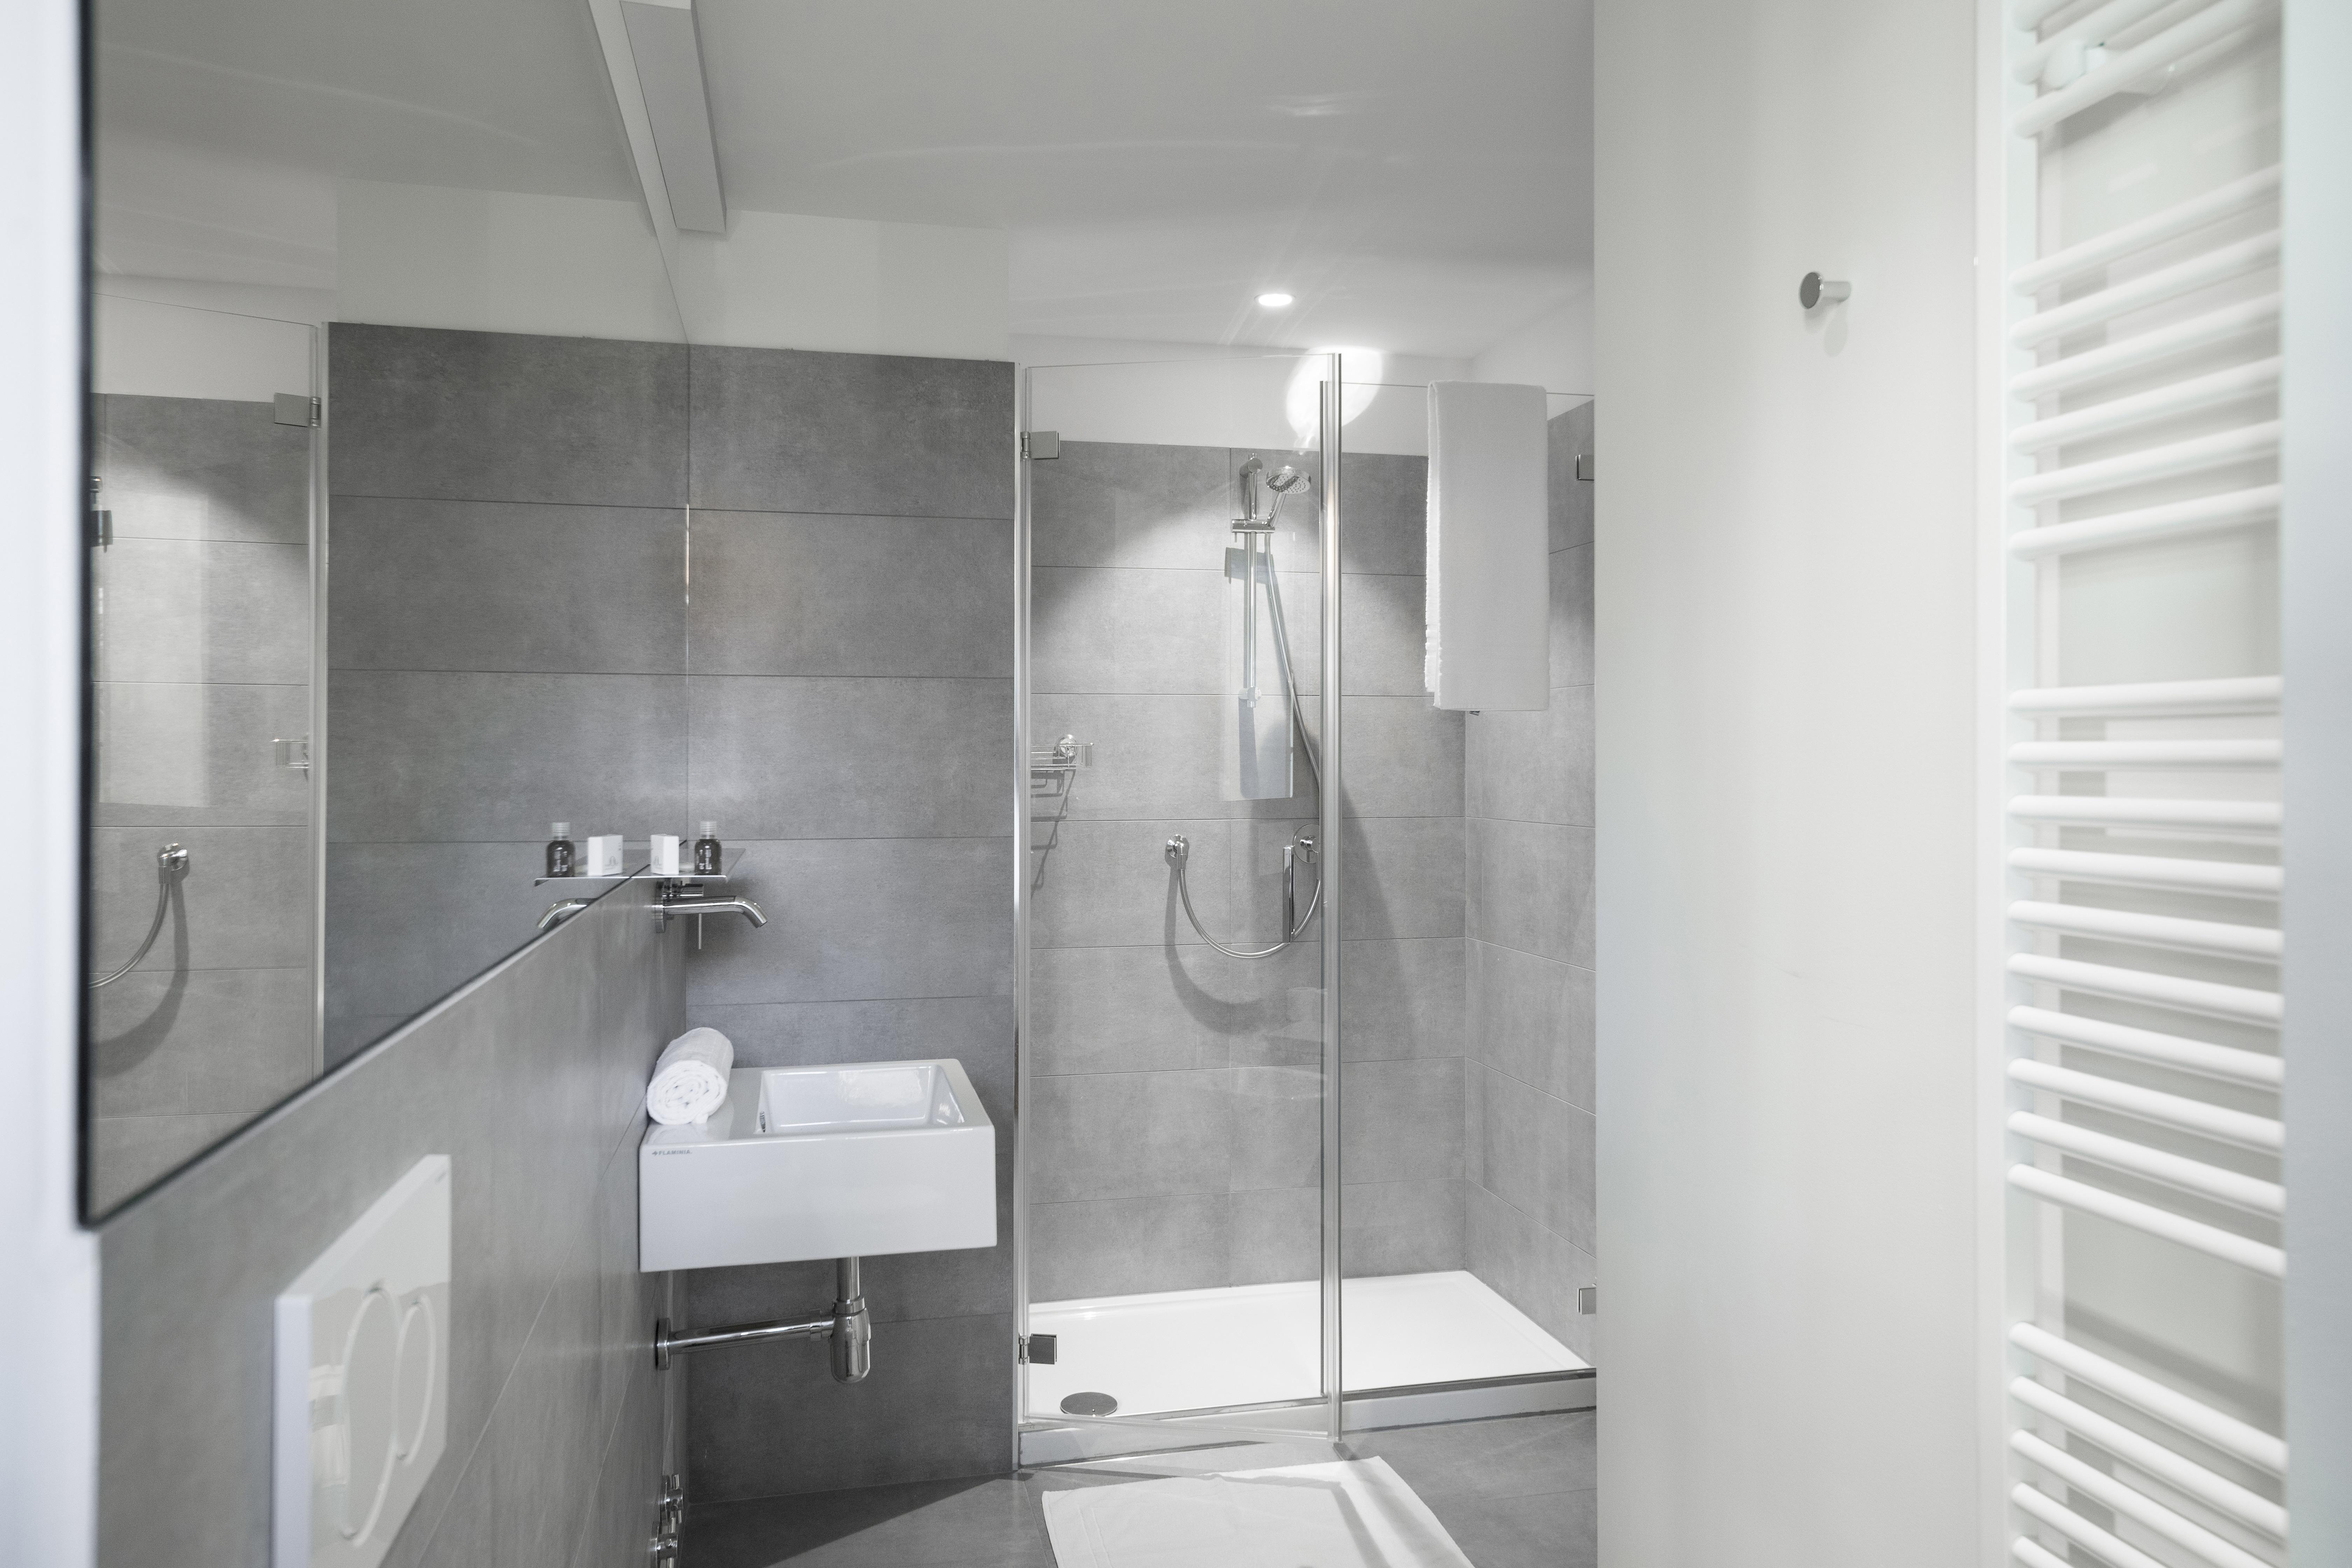 bagno camere hotel la ripa bergamo